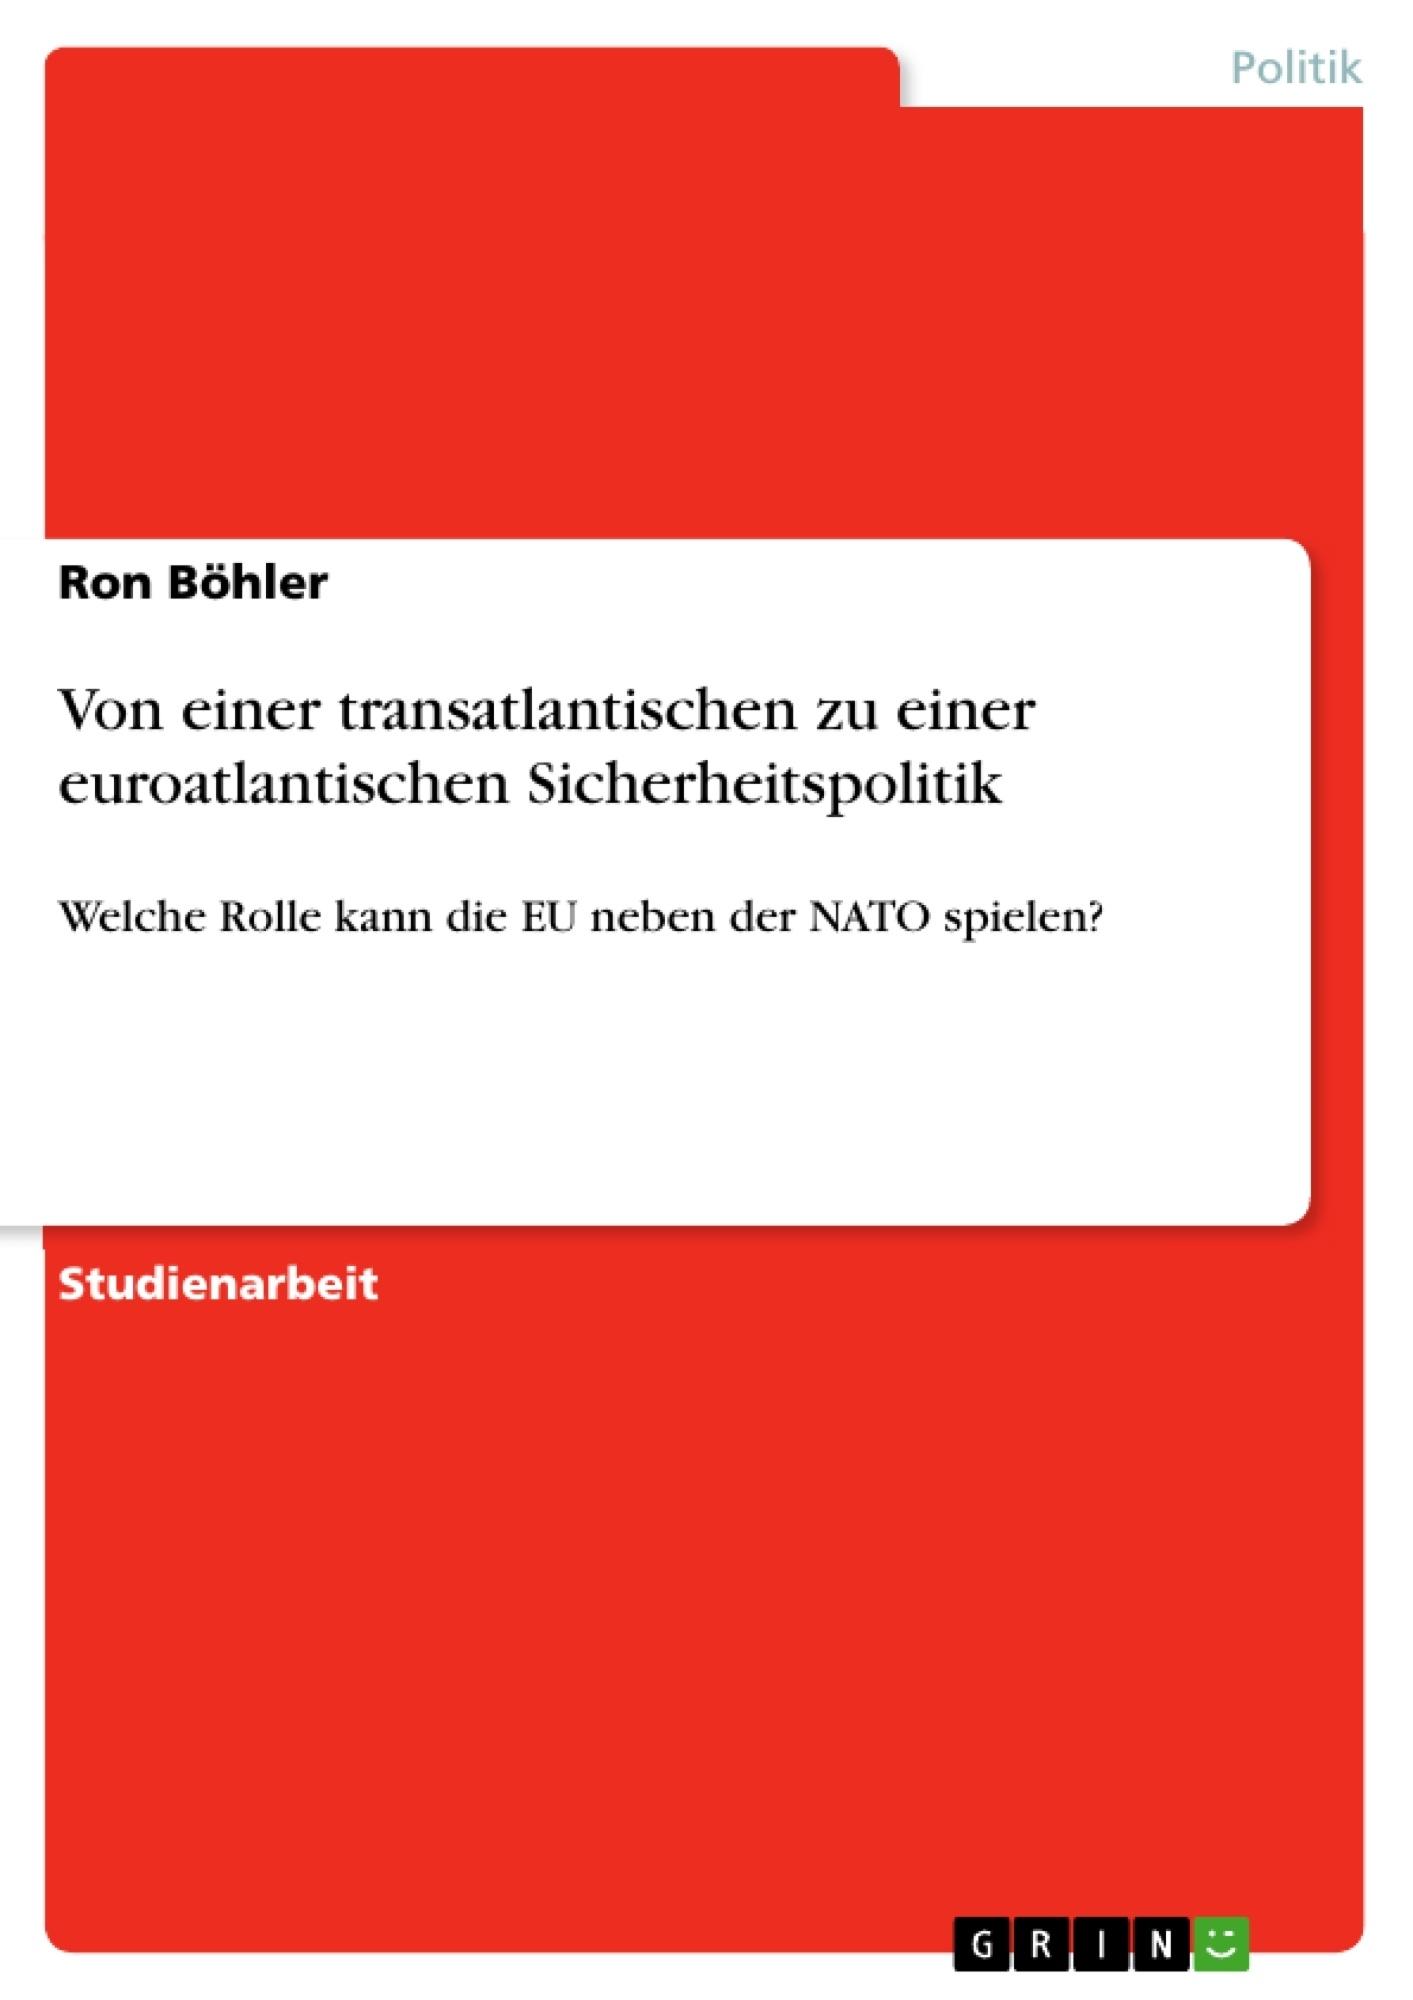 Titel: Von einer transatlantischen zu einer euroatlantischen Sicherheitspolitik